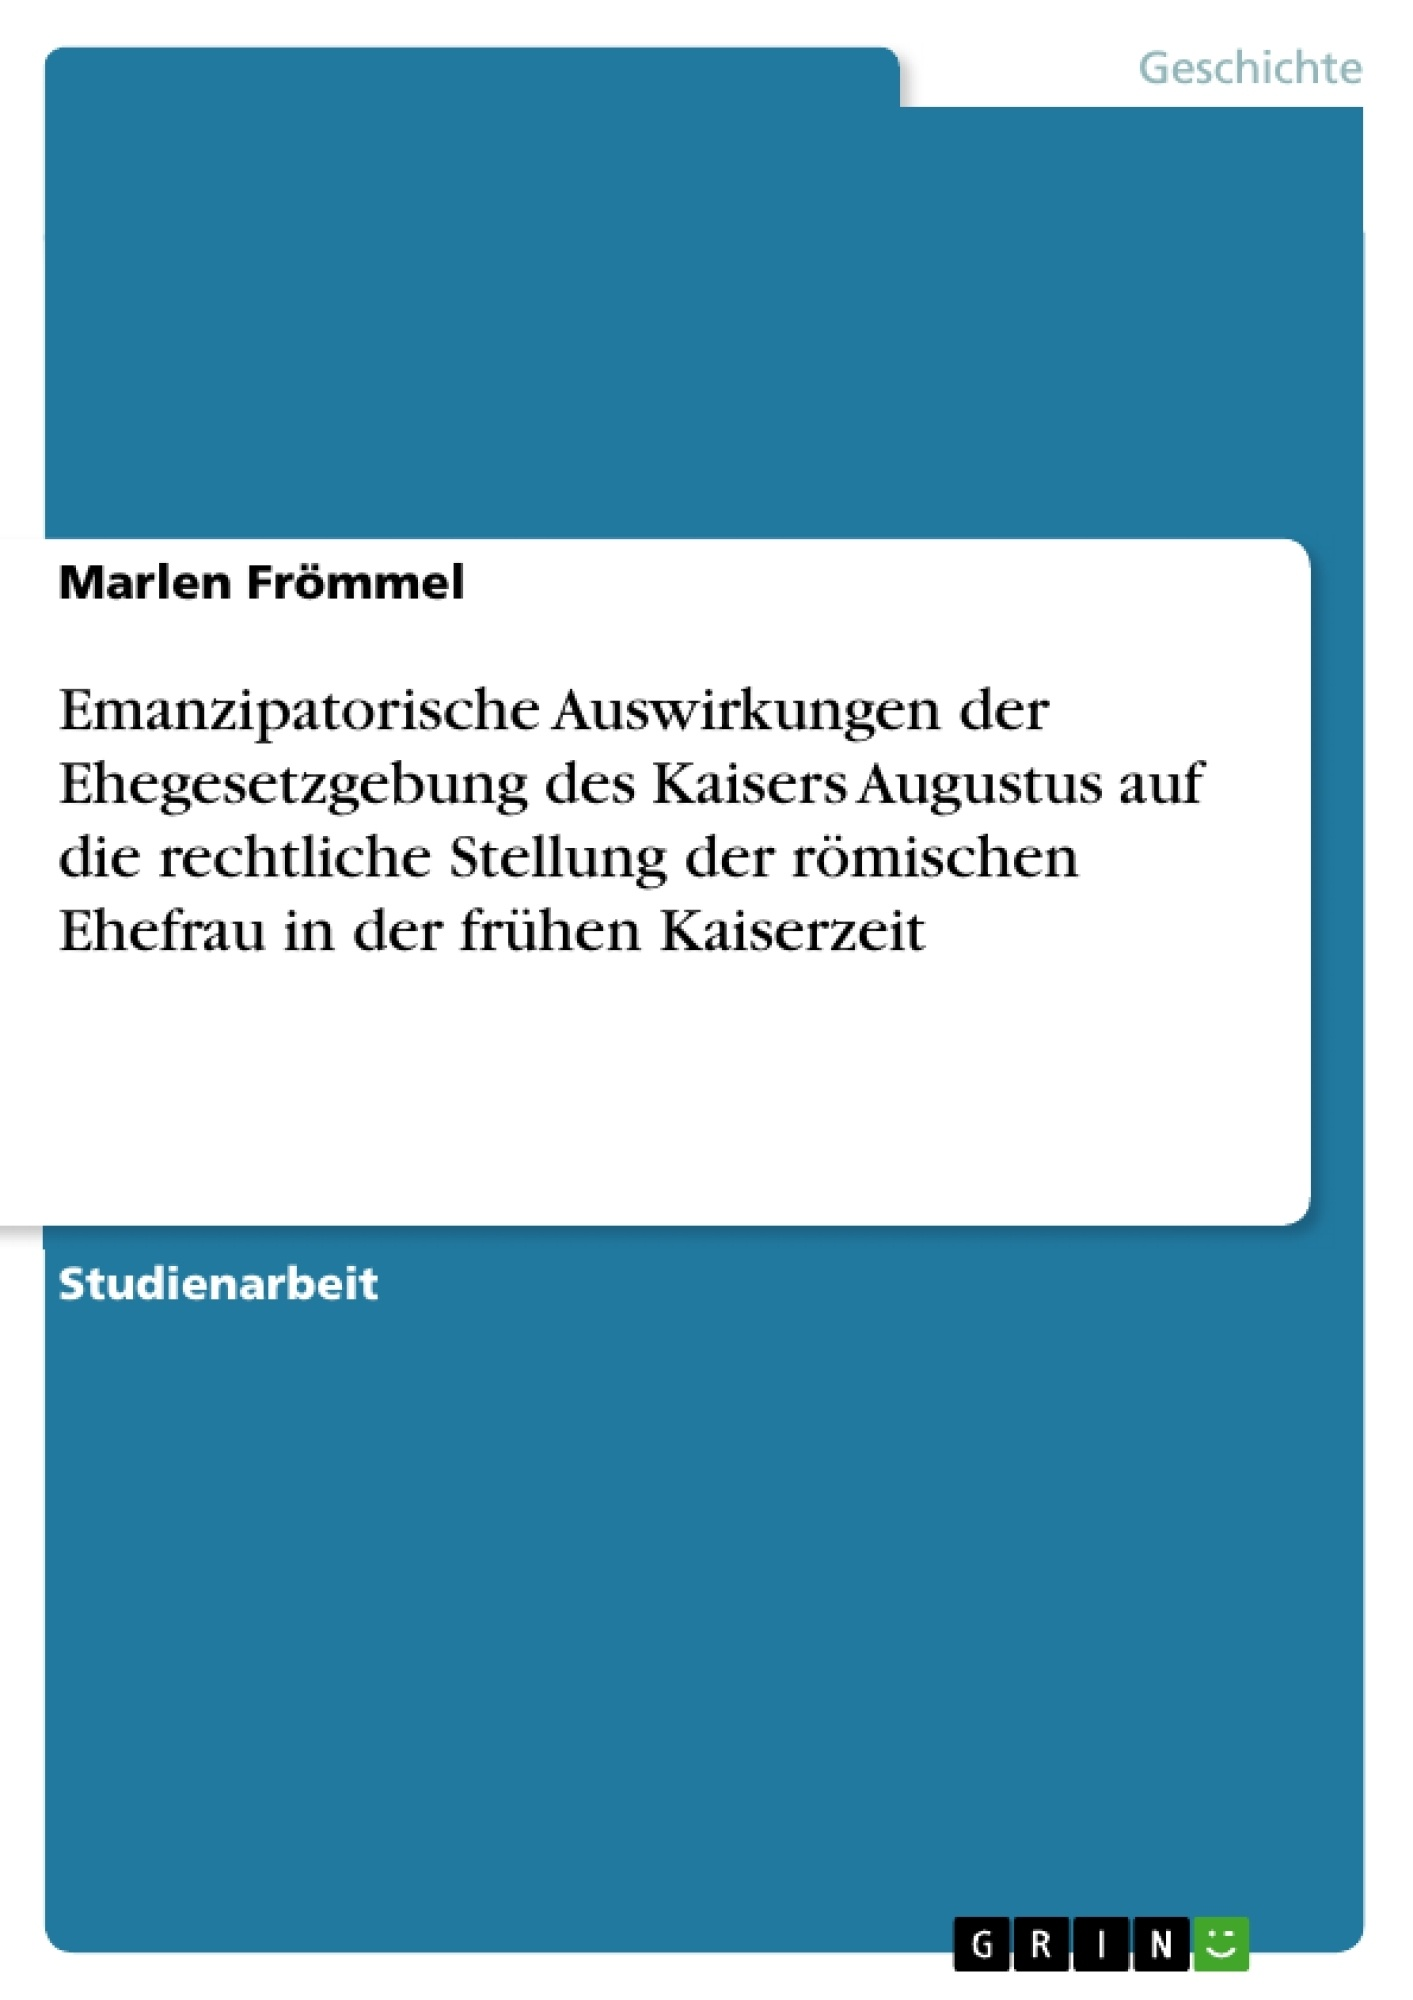 Titel: Emanzipatorische Auswirkungen der Ehegesetzgebung des Kaisers Augustus auf die rechtliche Stellung der römischen Ehefrau in der frühen Kaiserzeit